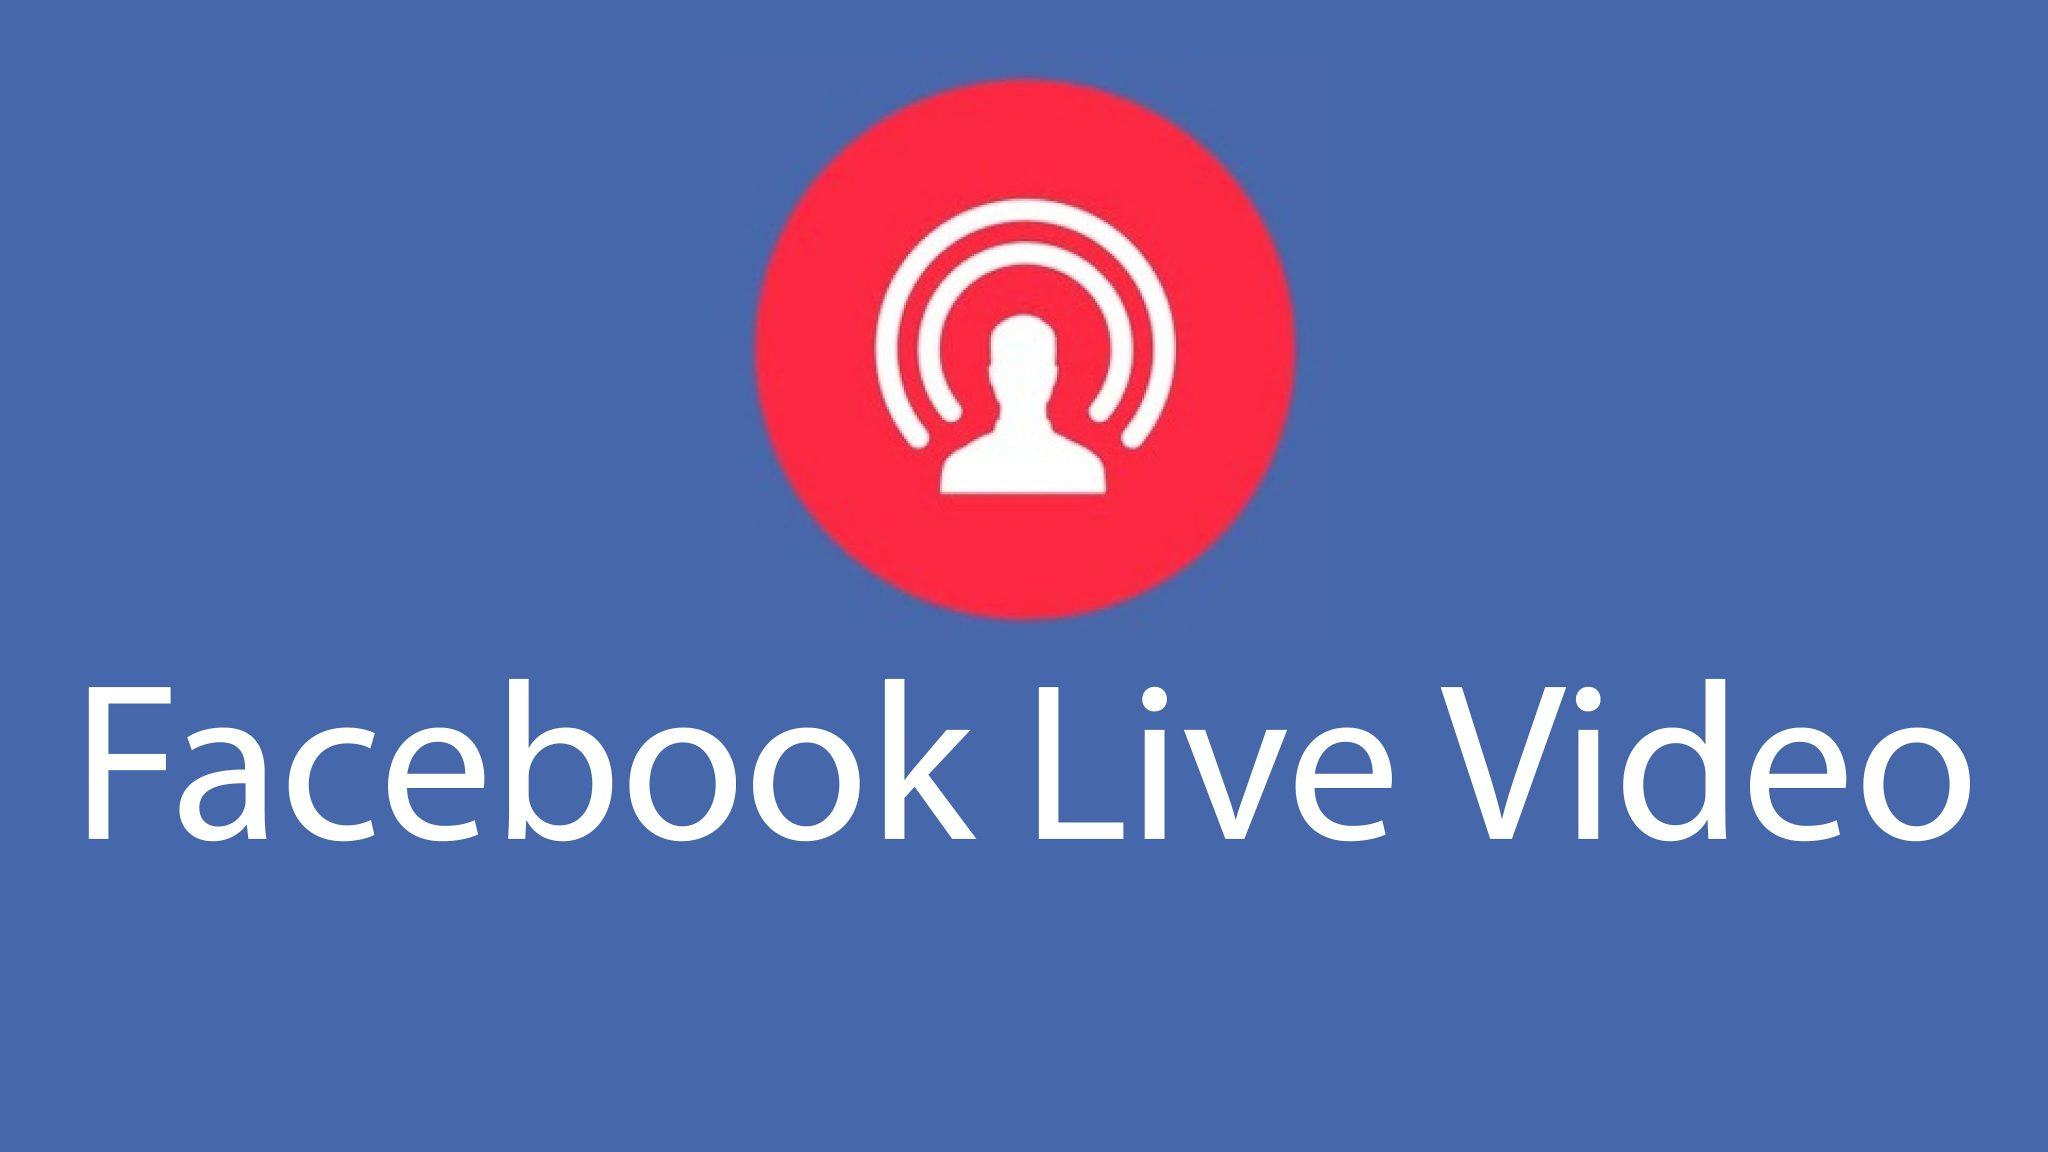 7 mô hình bán hàng hiệu quả trên Facebook 2017 - image livestream on https://atpsoftware.com.vn